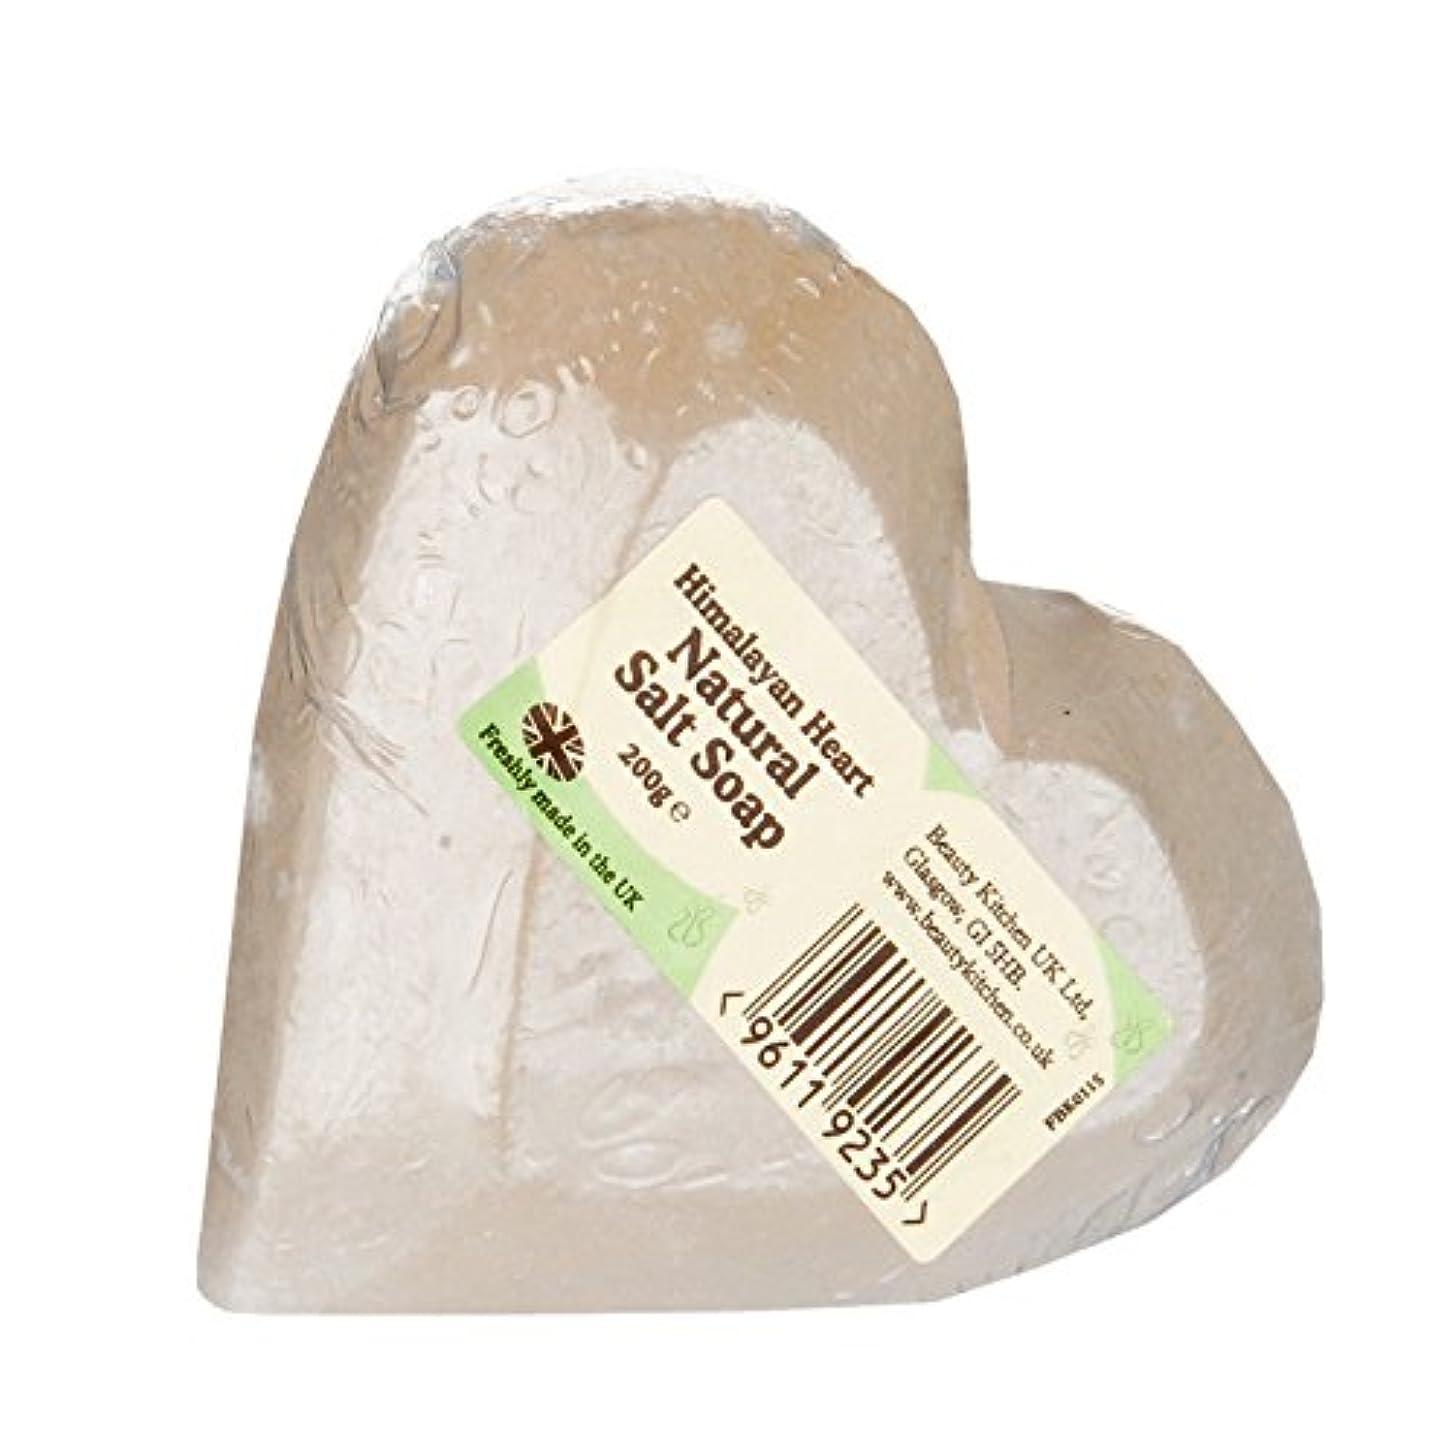 渇き鰐負荷美容キッチンヒマラヤンハートソープ200グラム - Beauty Kitchen Himalayan Heart Soap 200g (Beauty Kitchen) [並行輸入品]